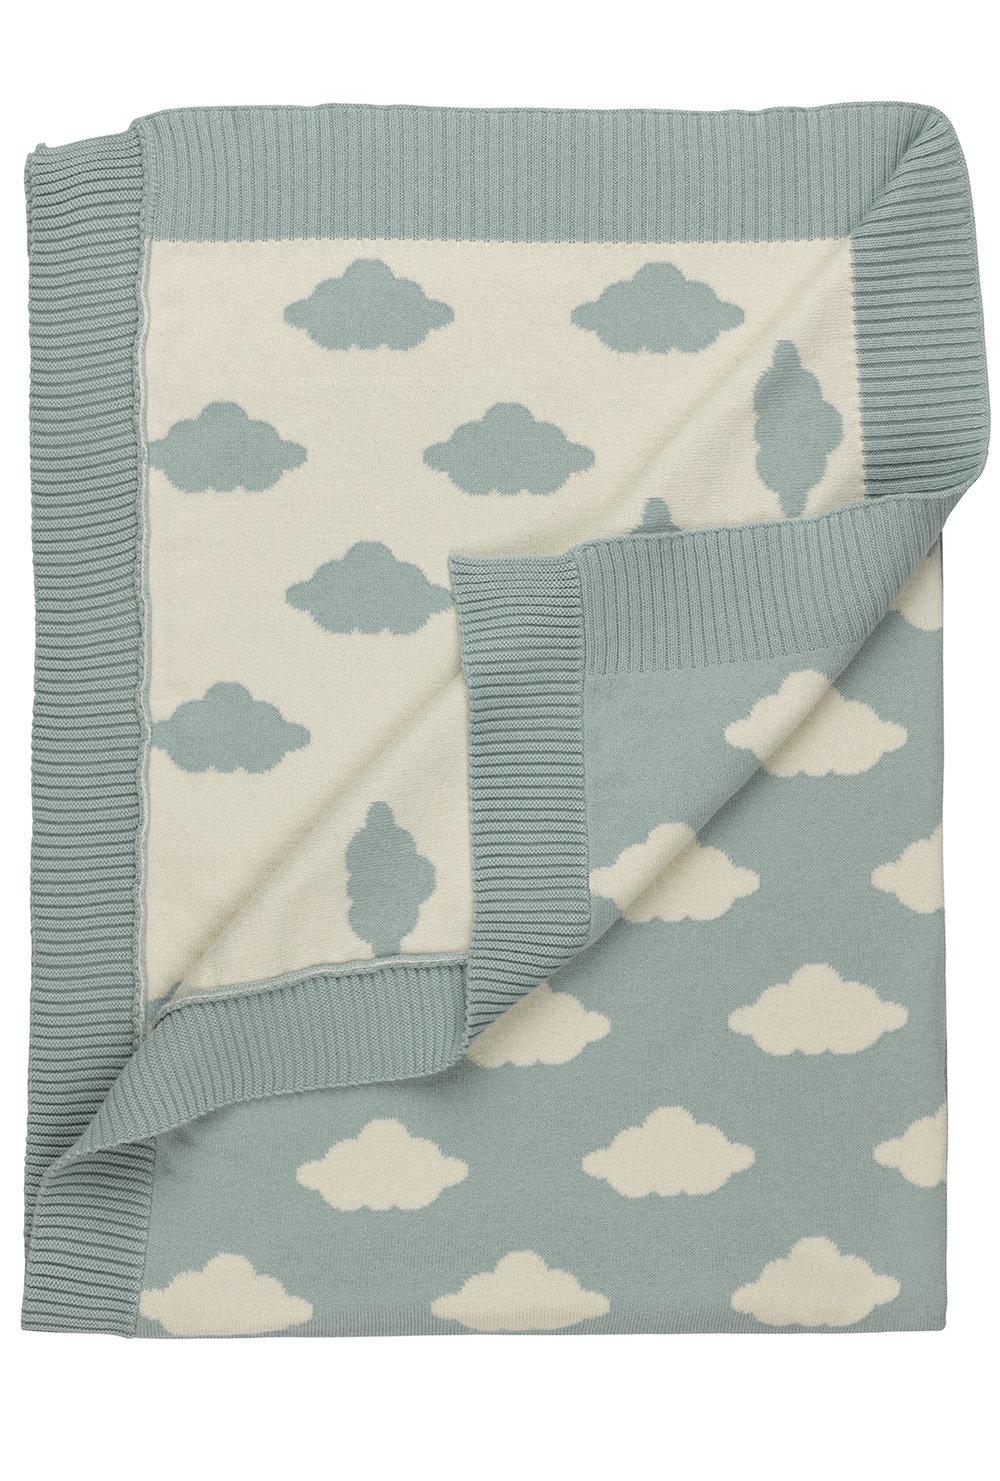 HUGGEE_Manta Tricot Nuvens Grandes_base azul éter_dupla face_€53,90_100% algodão orgânico_certificado GOTS_2.jpg